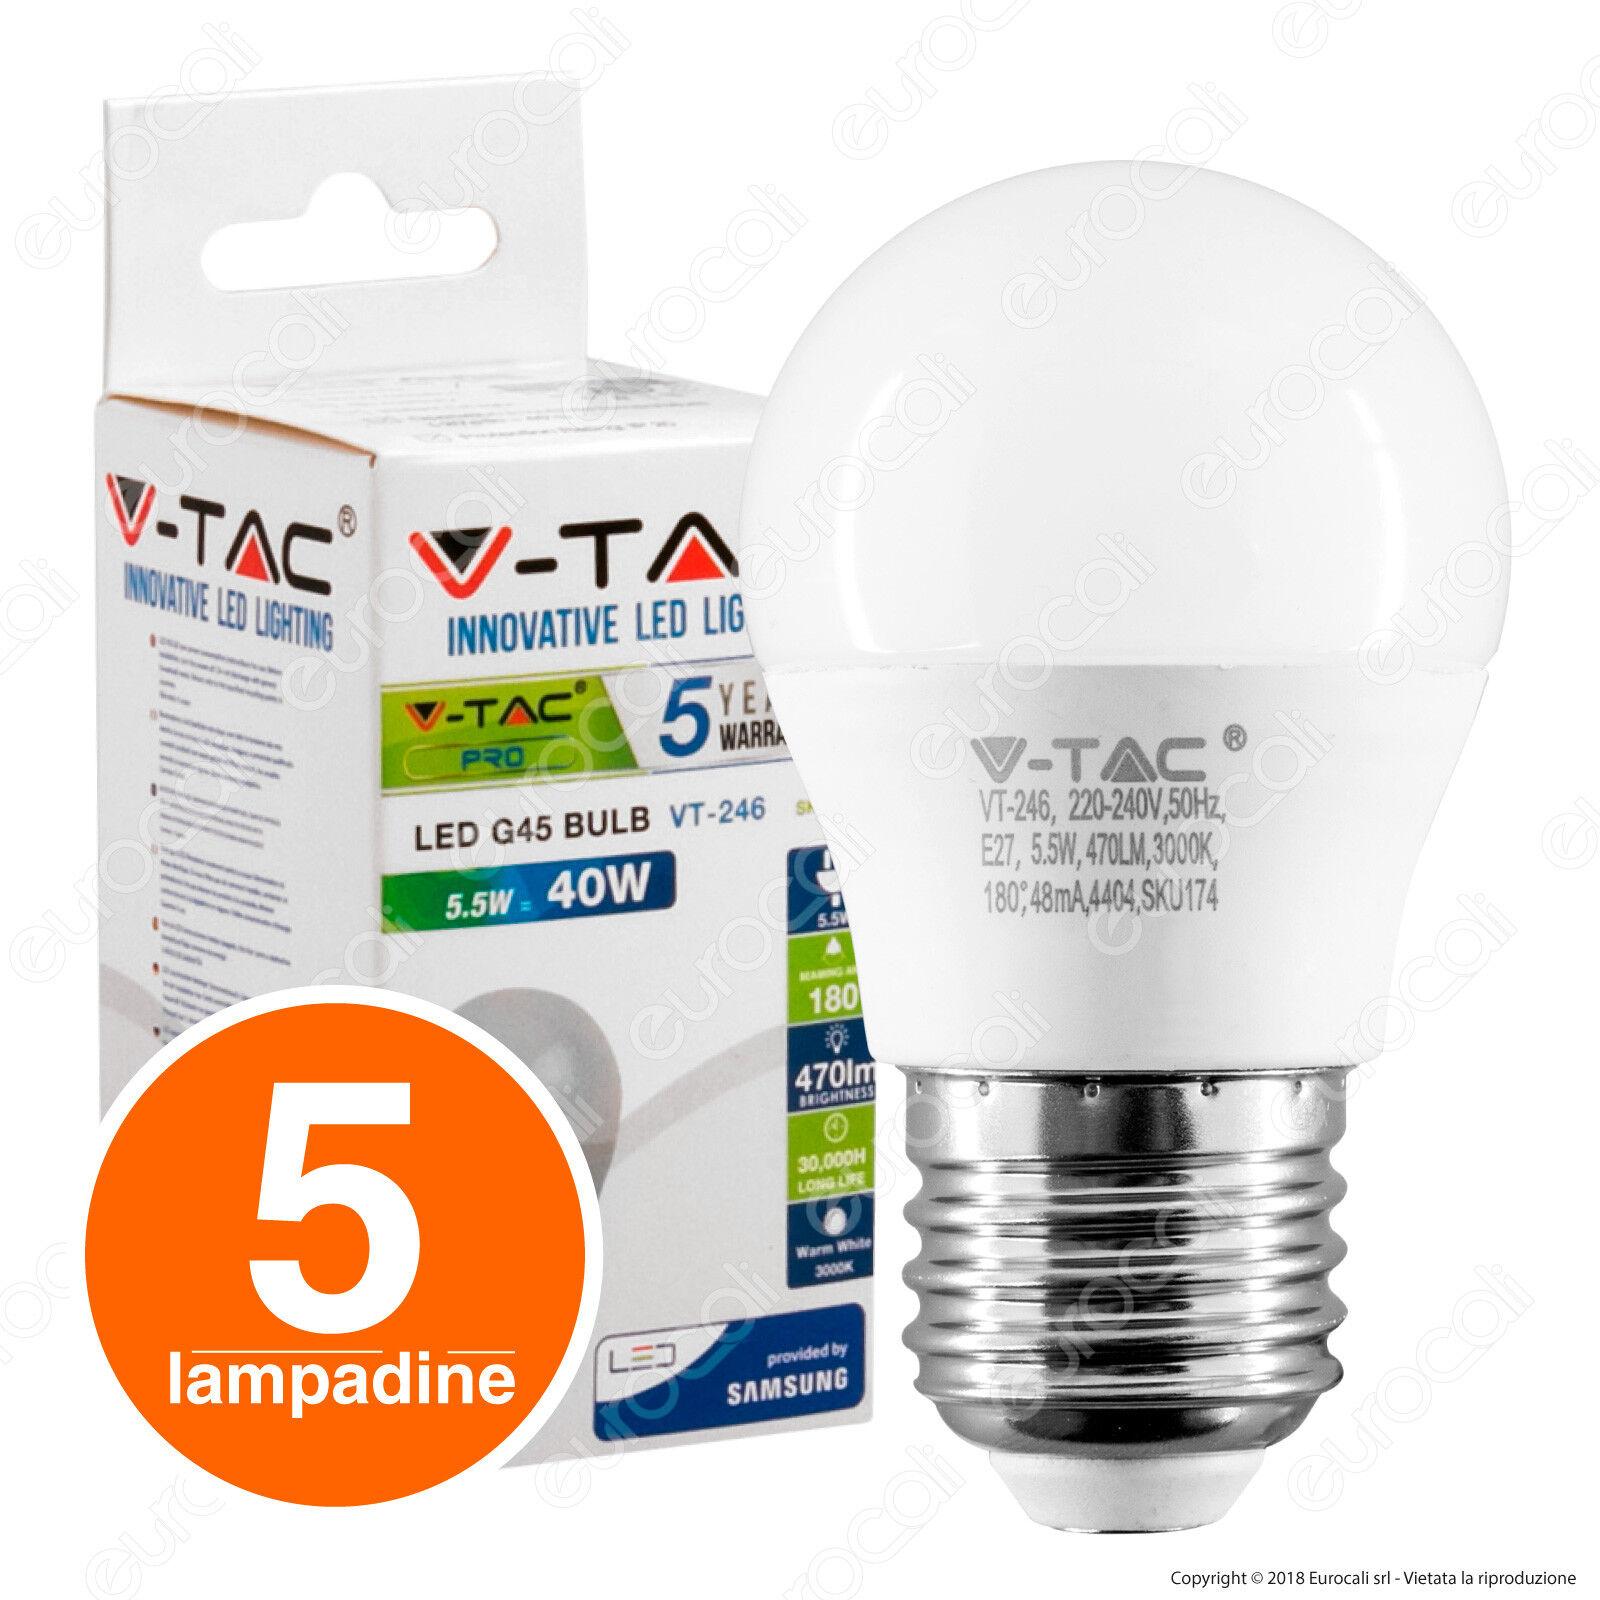 5 LAMPADINE LED V-Tac E27 E14 GU10 GU10 GU10 GU5.3 G9 scelta kit da 2W a 20W Lampada Vtac 5e1ccd